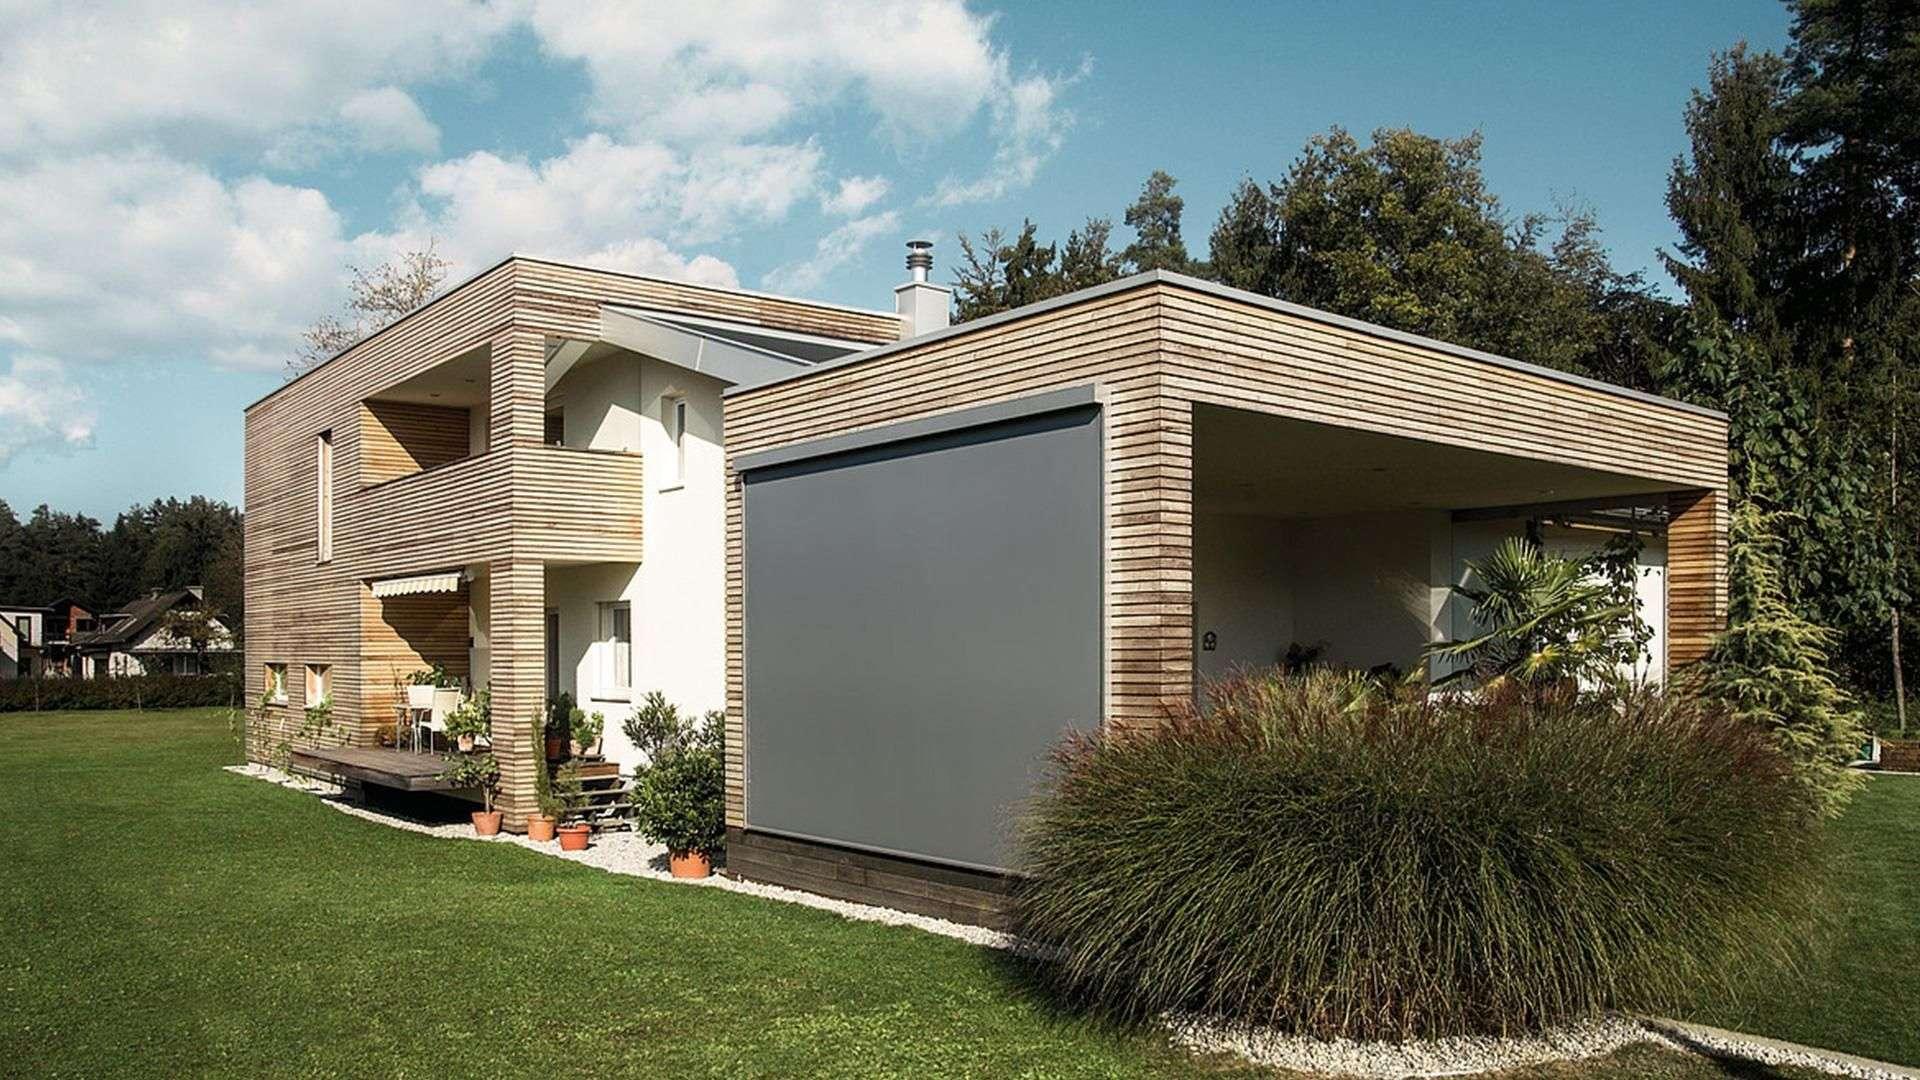 Textilscreen am Haus als Schutz vor Sonneneinstrahlung.